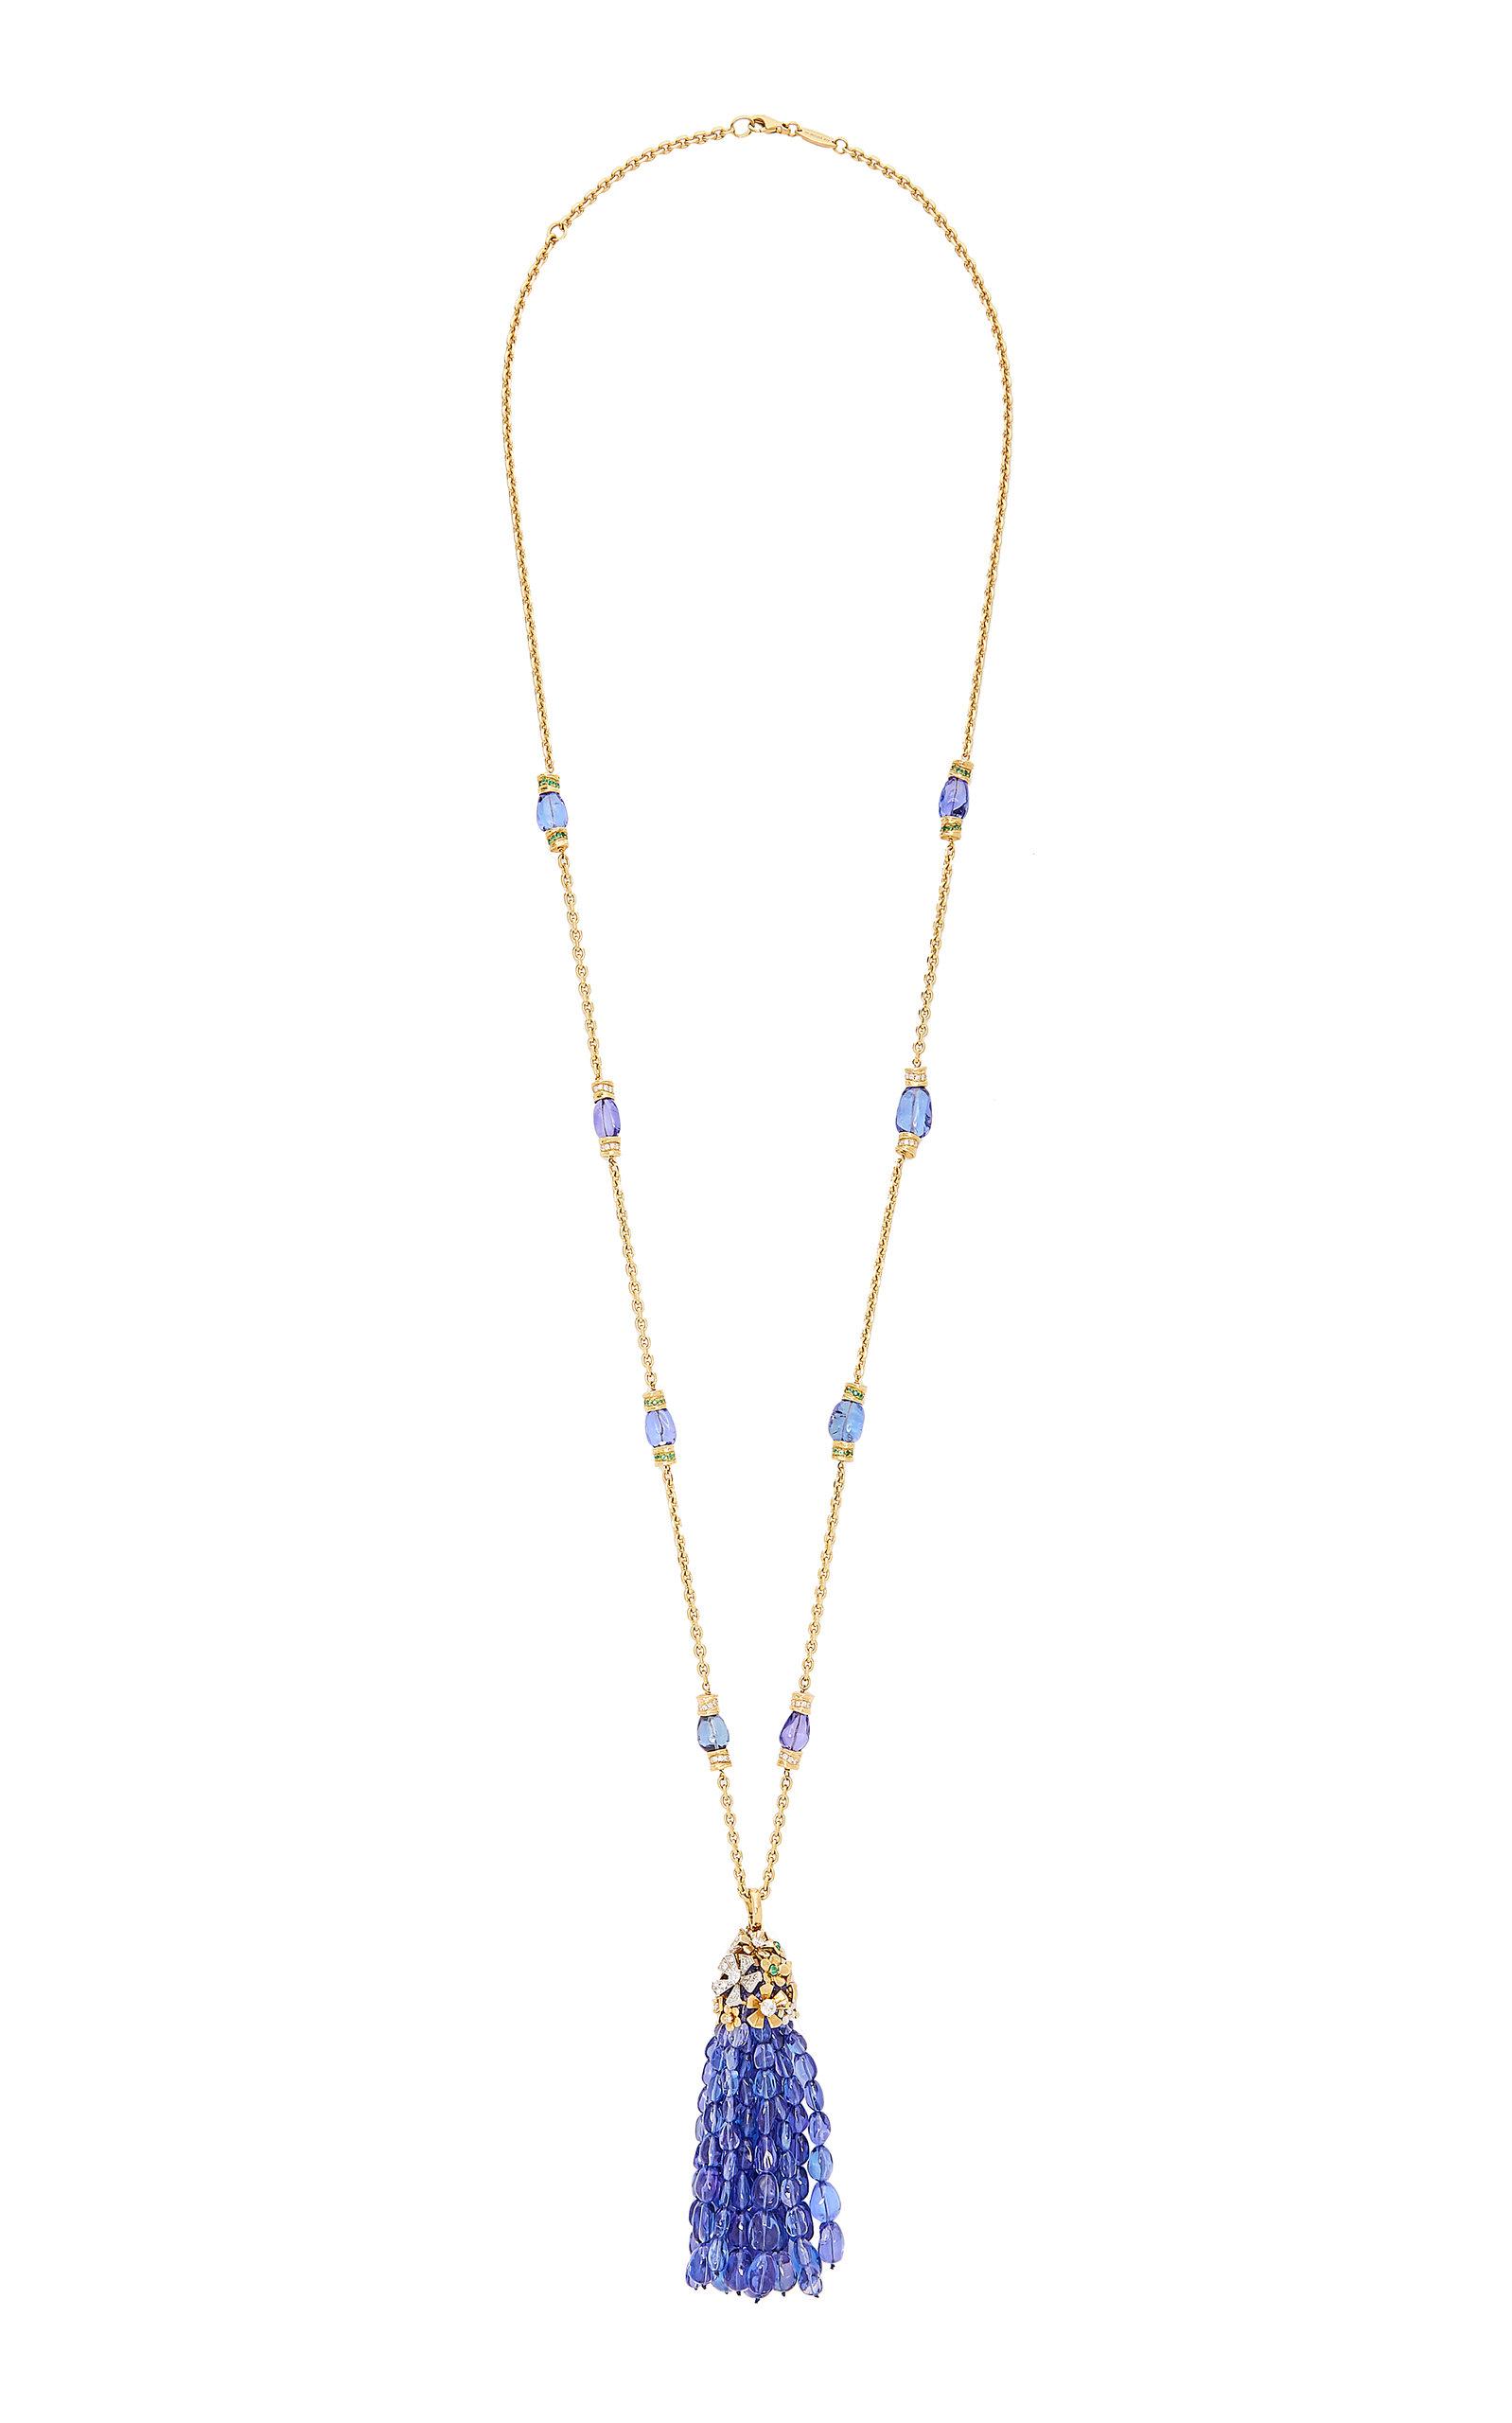 MIMI SO 18K Gold Tanzanite Diamond And Emerald Necklace in Blue